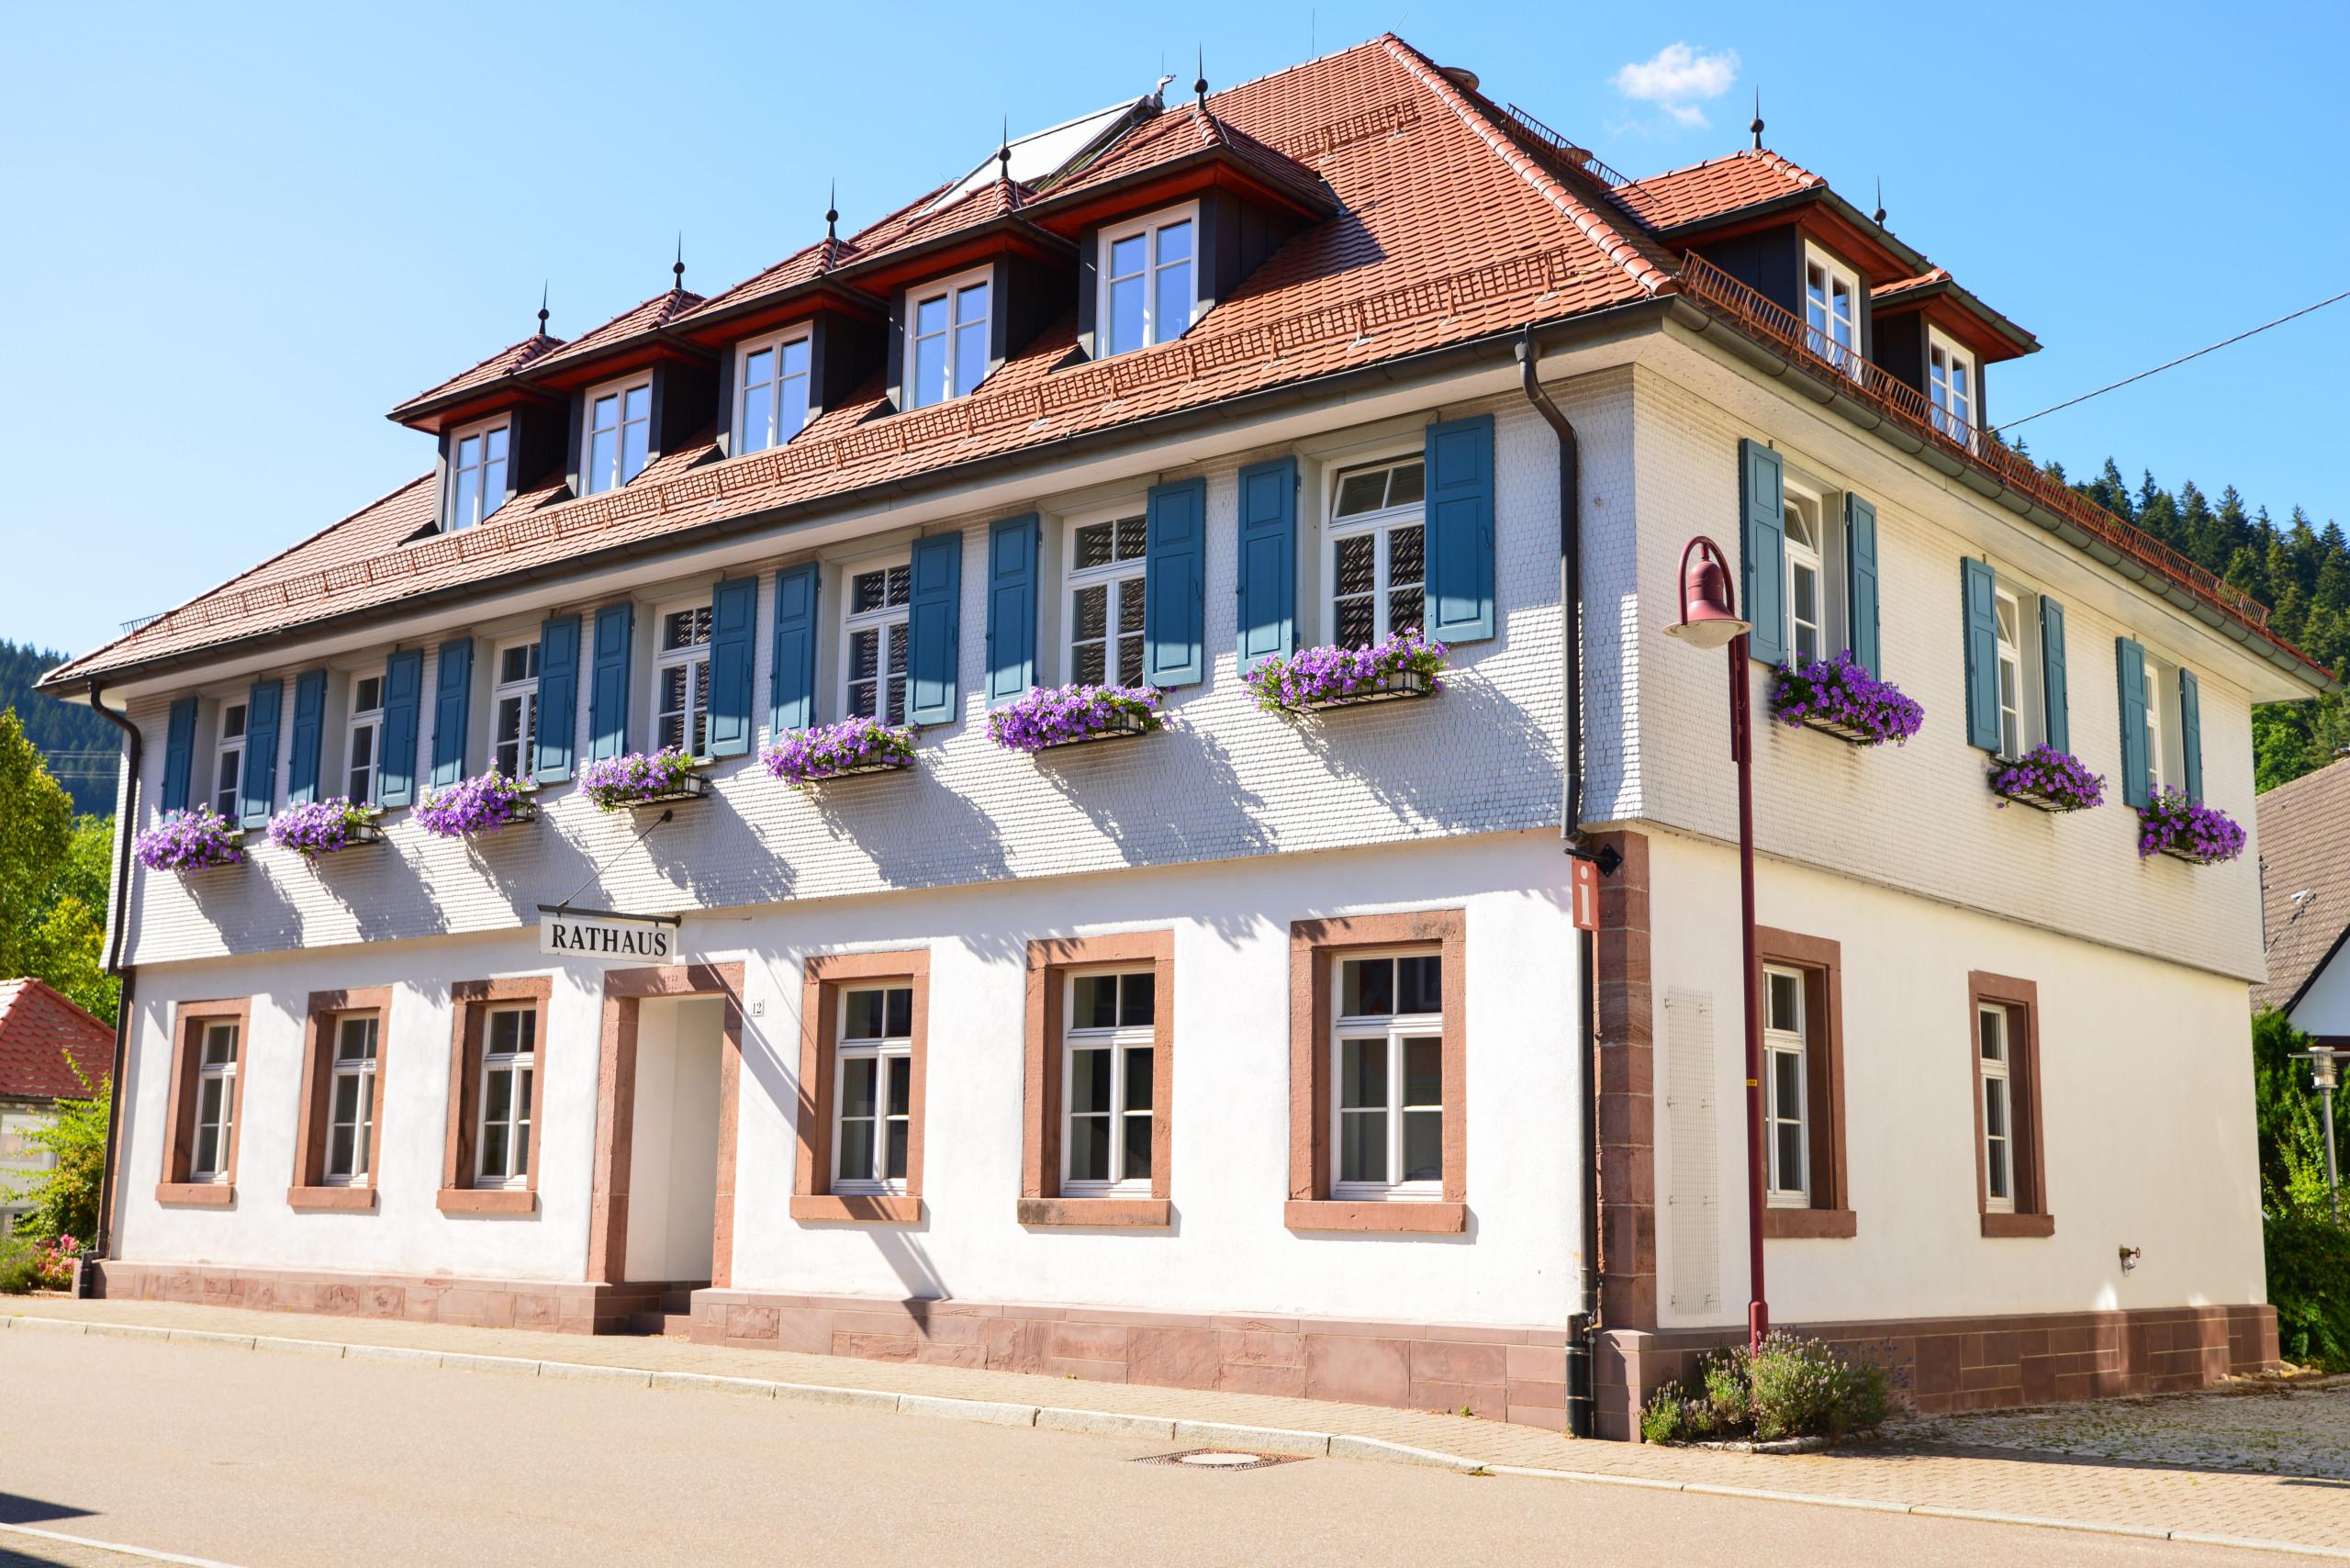 Bild vom Rathaus Schenkenzell